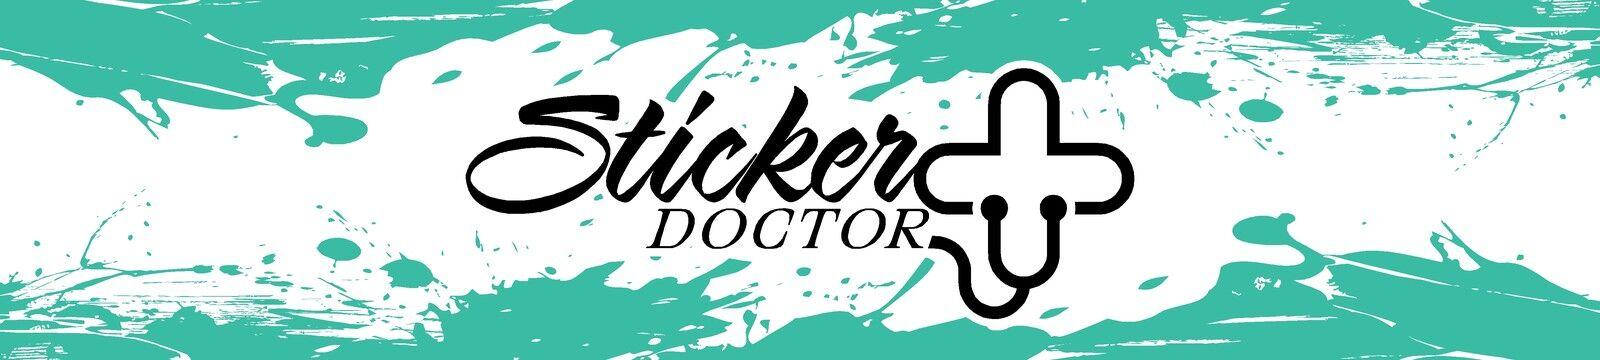 Sticker Doctor